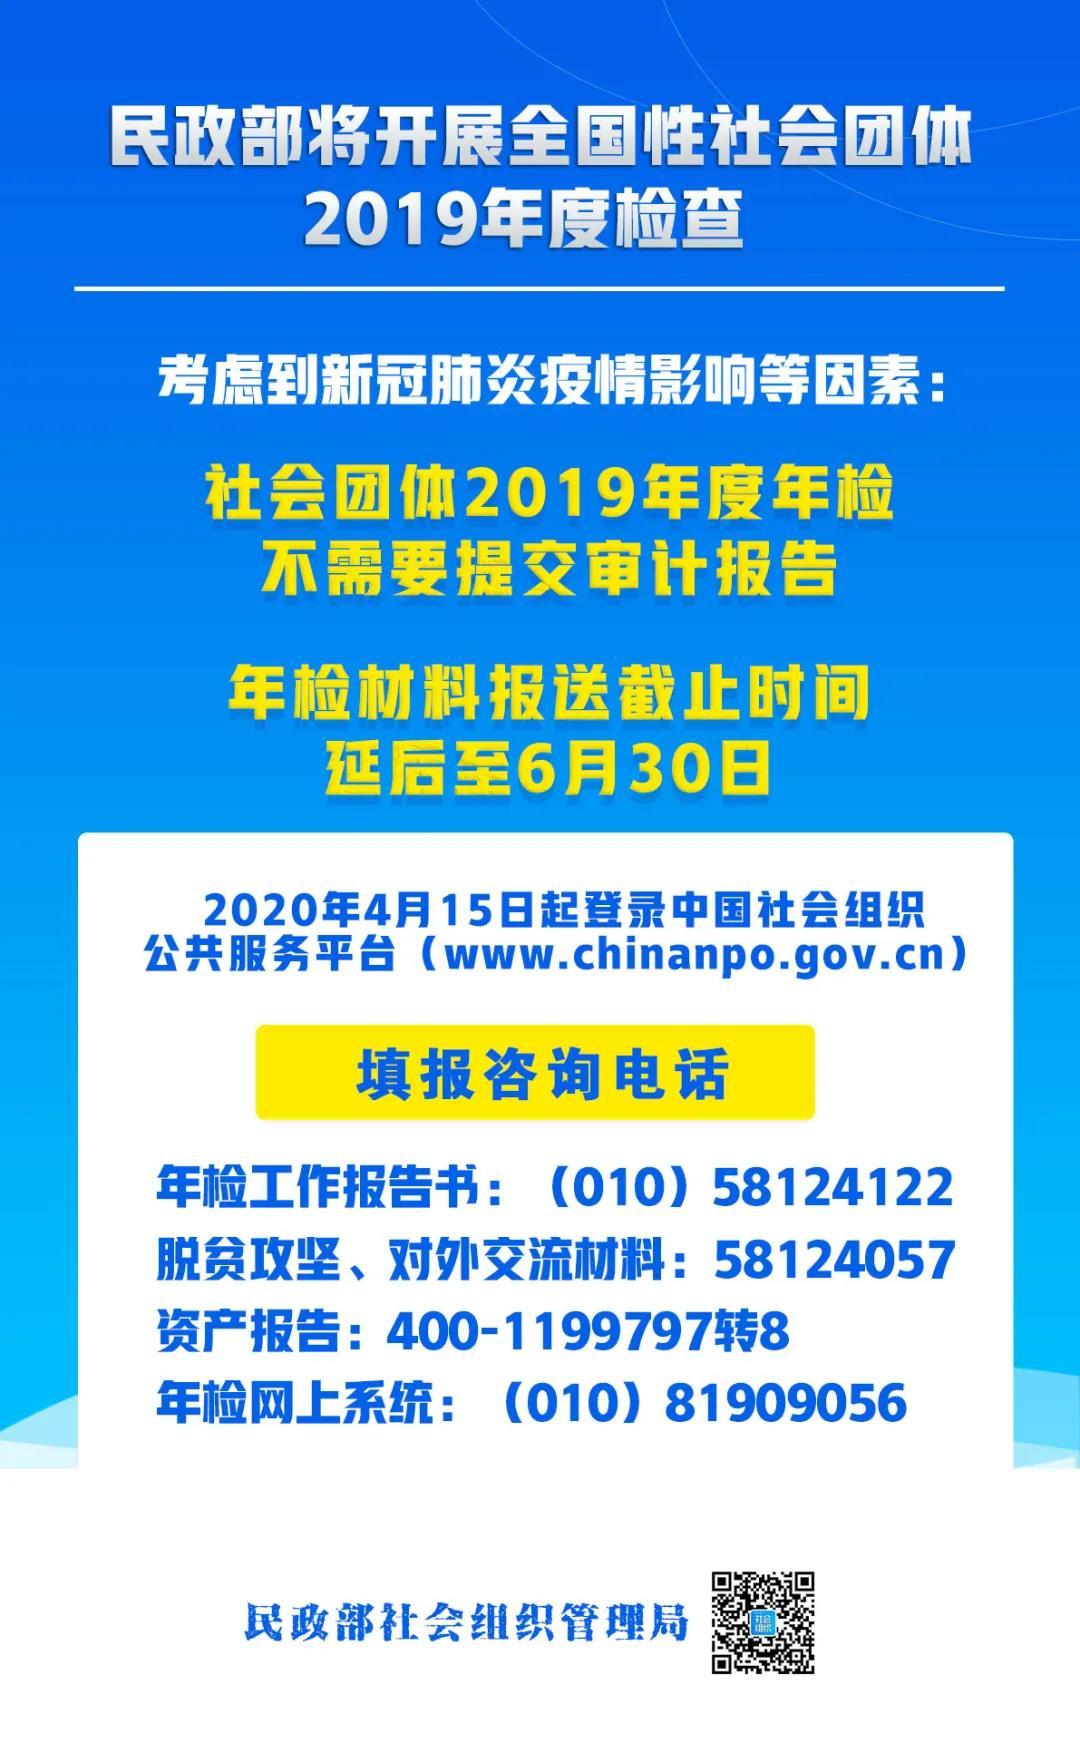 微信图片_20200325192042.jpg